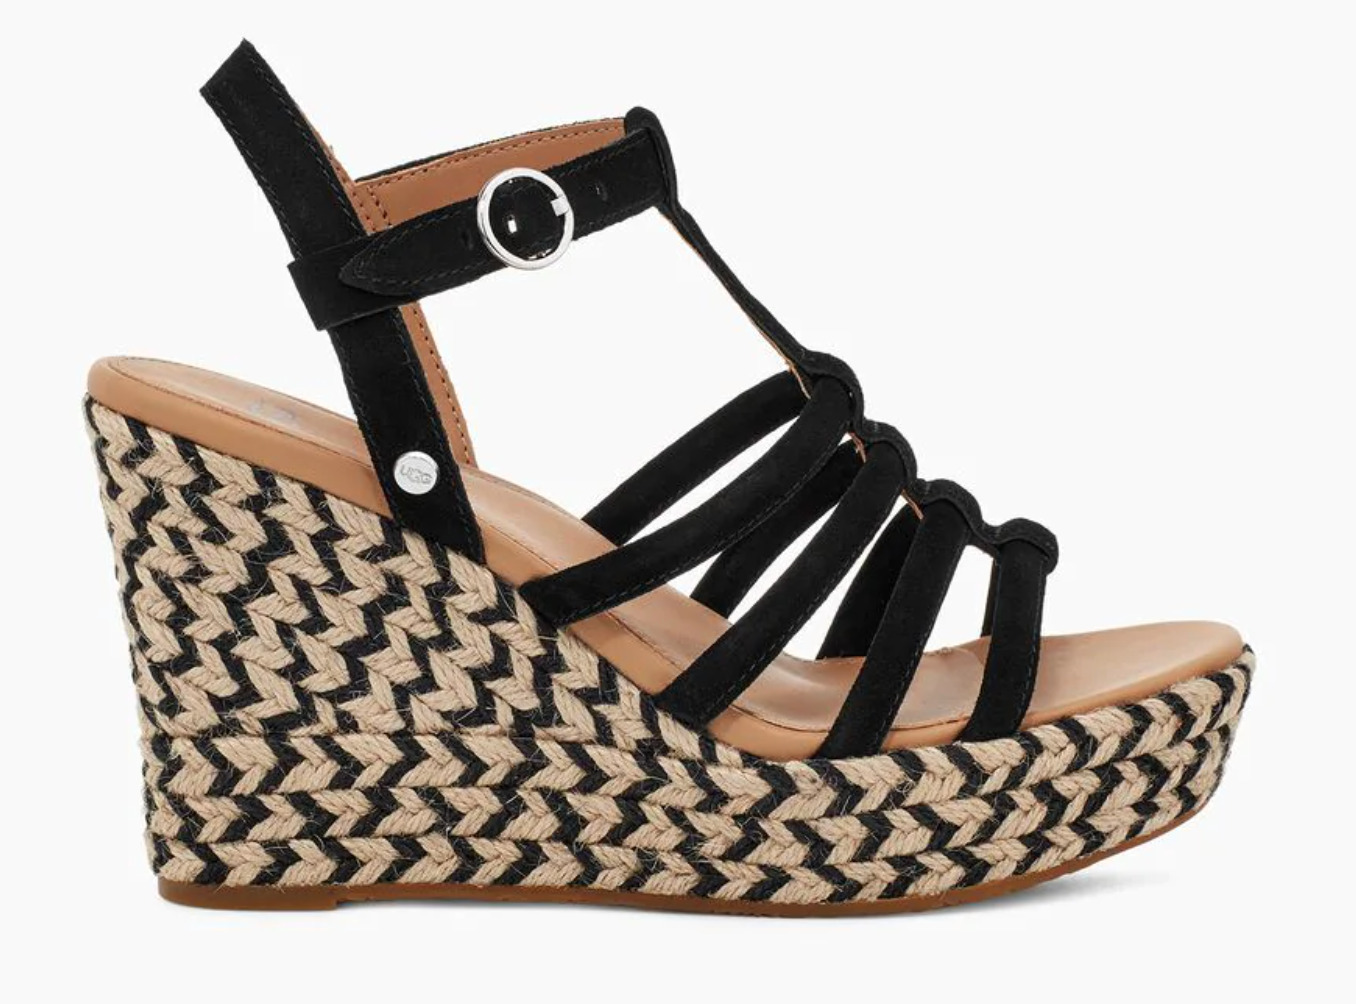 UGG Espadrille Wedge Sandal